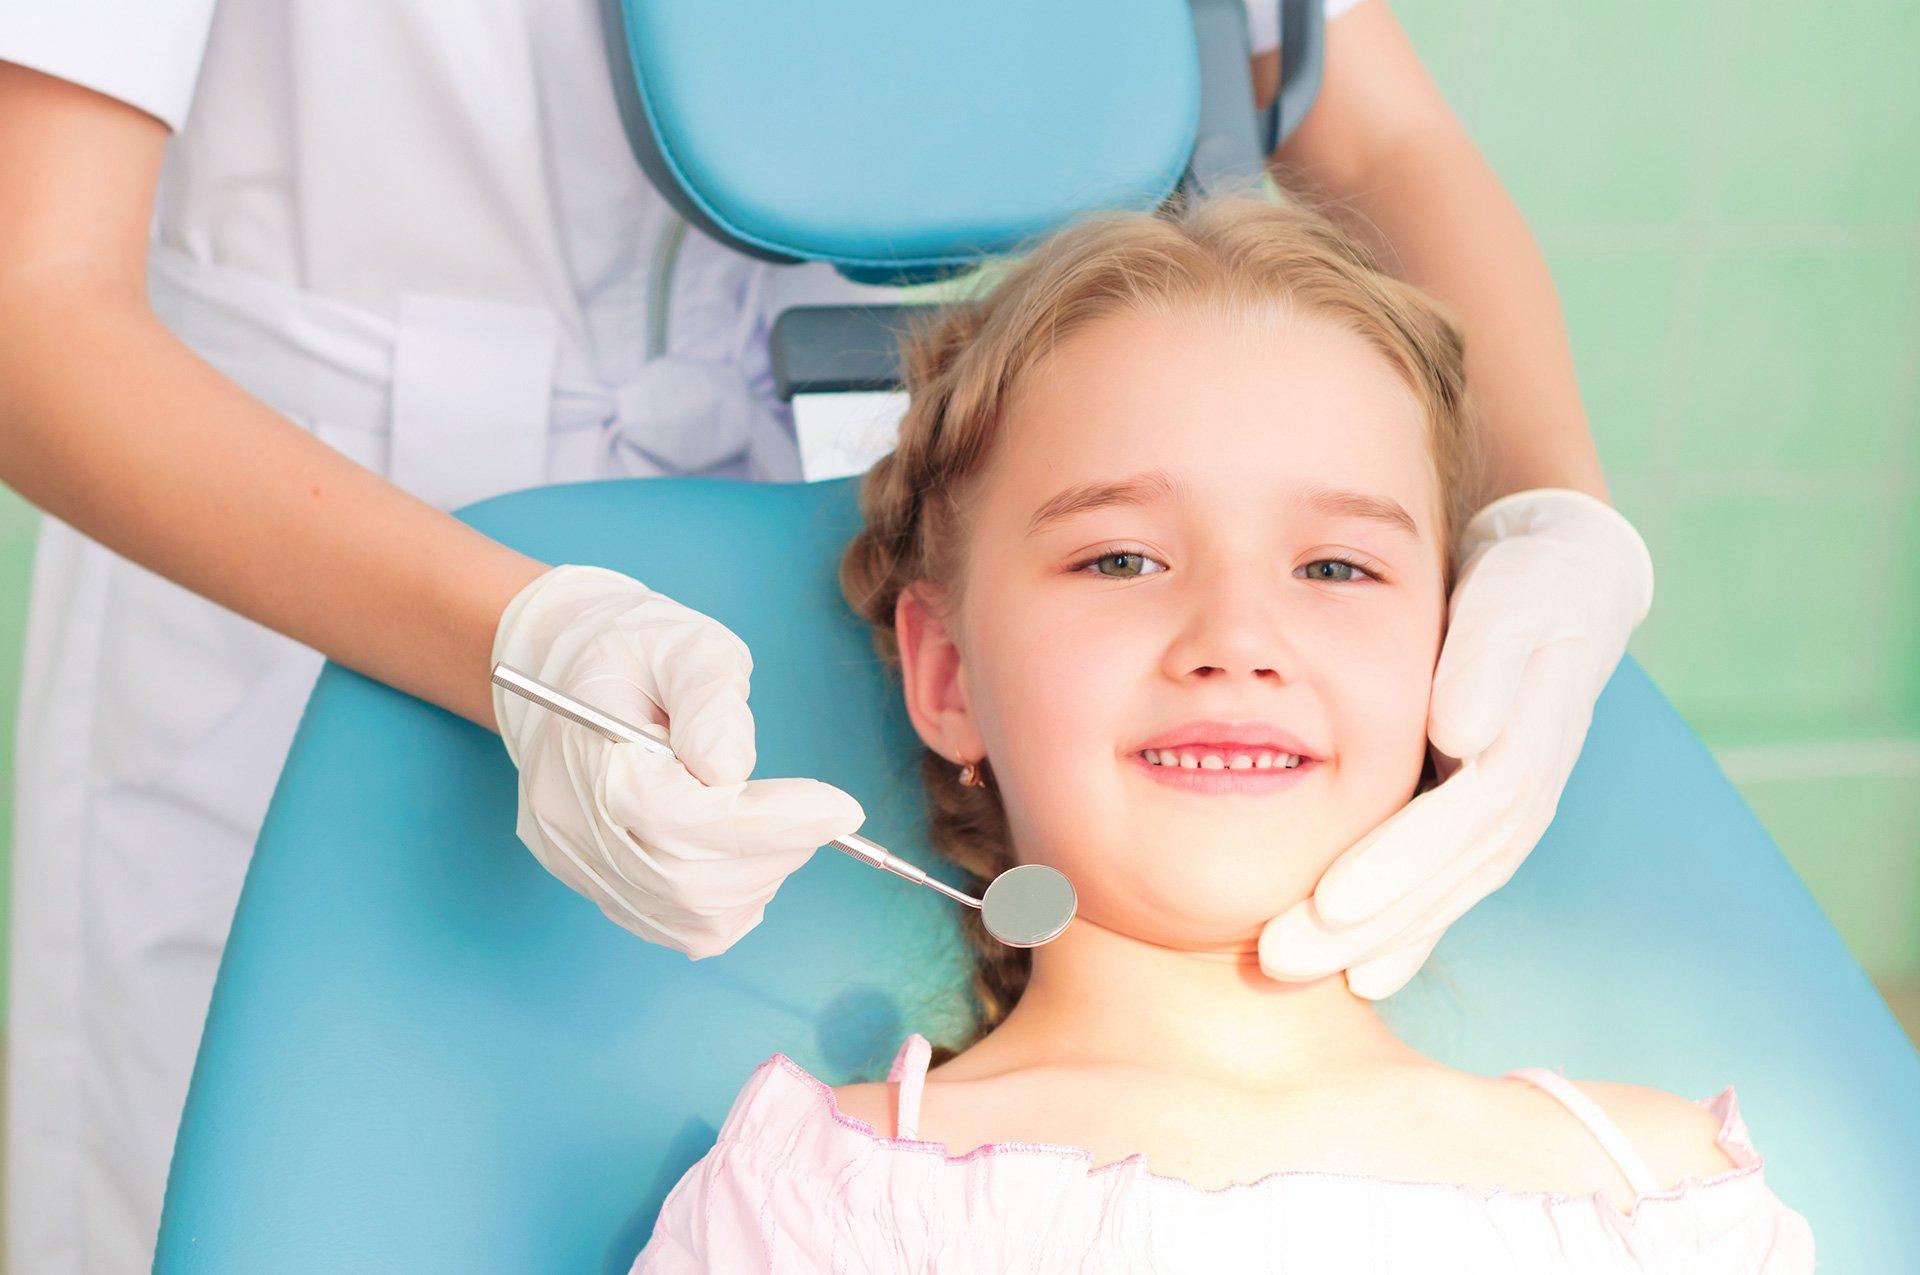 Bambina sorride sul lettino da dentista